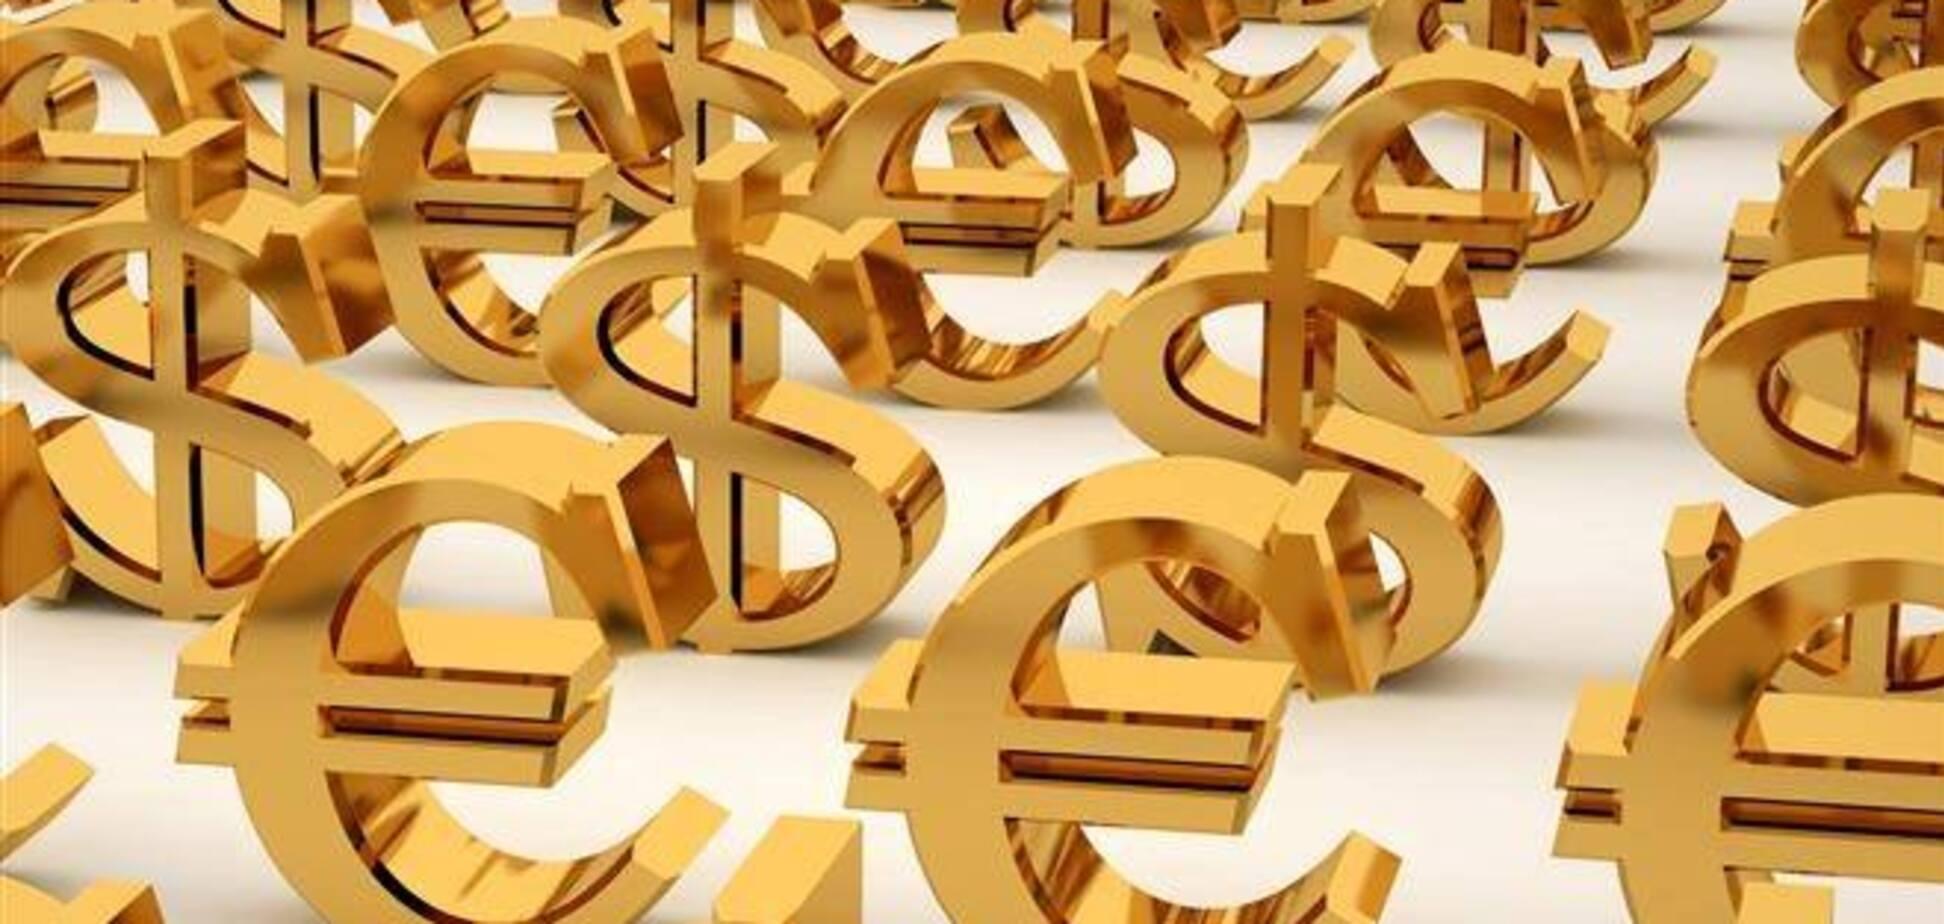 К закрытию межбанка доллар вновь подорожал